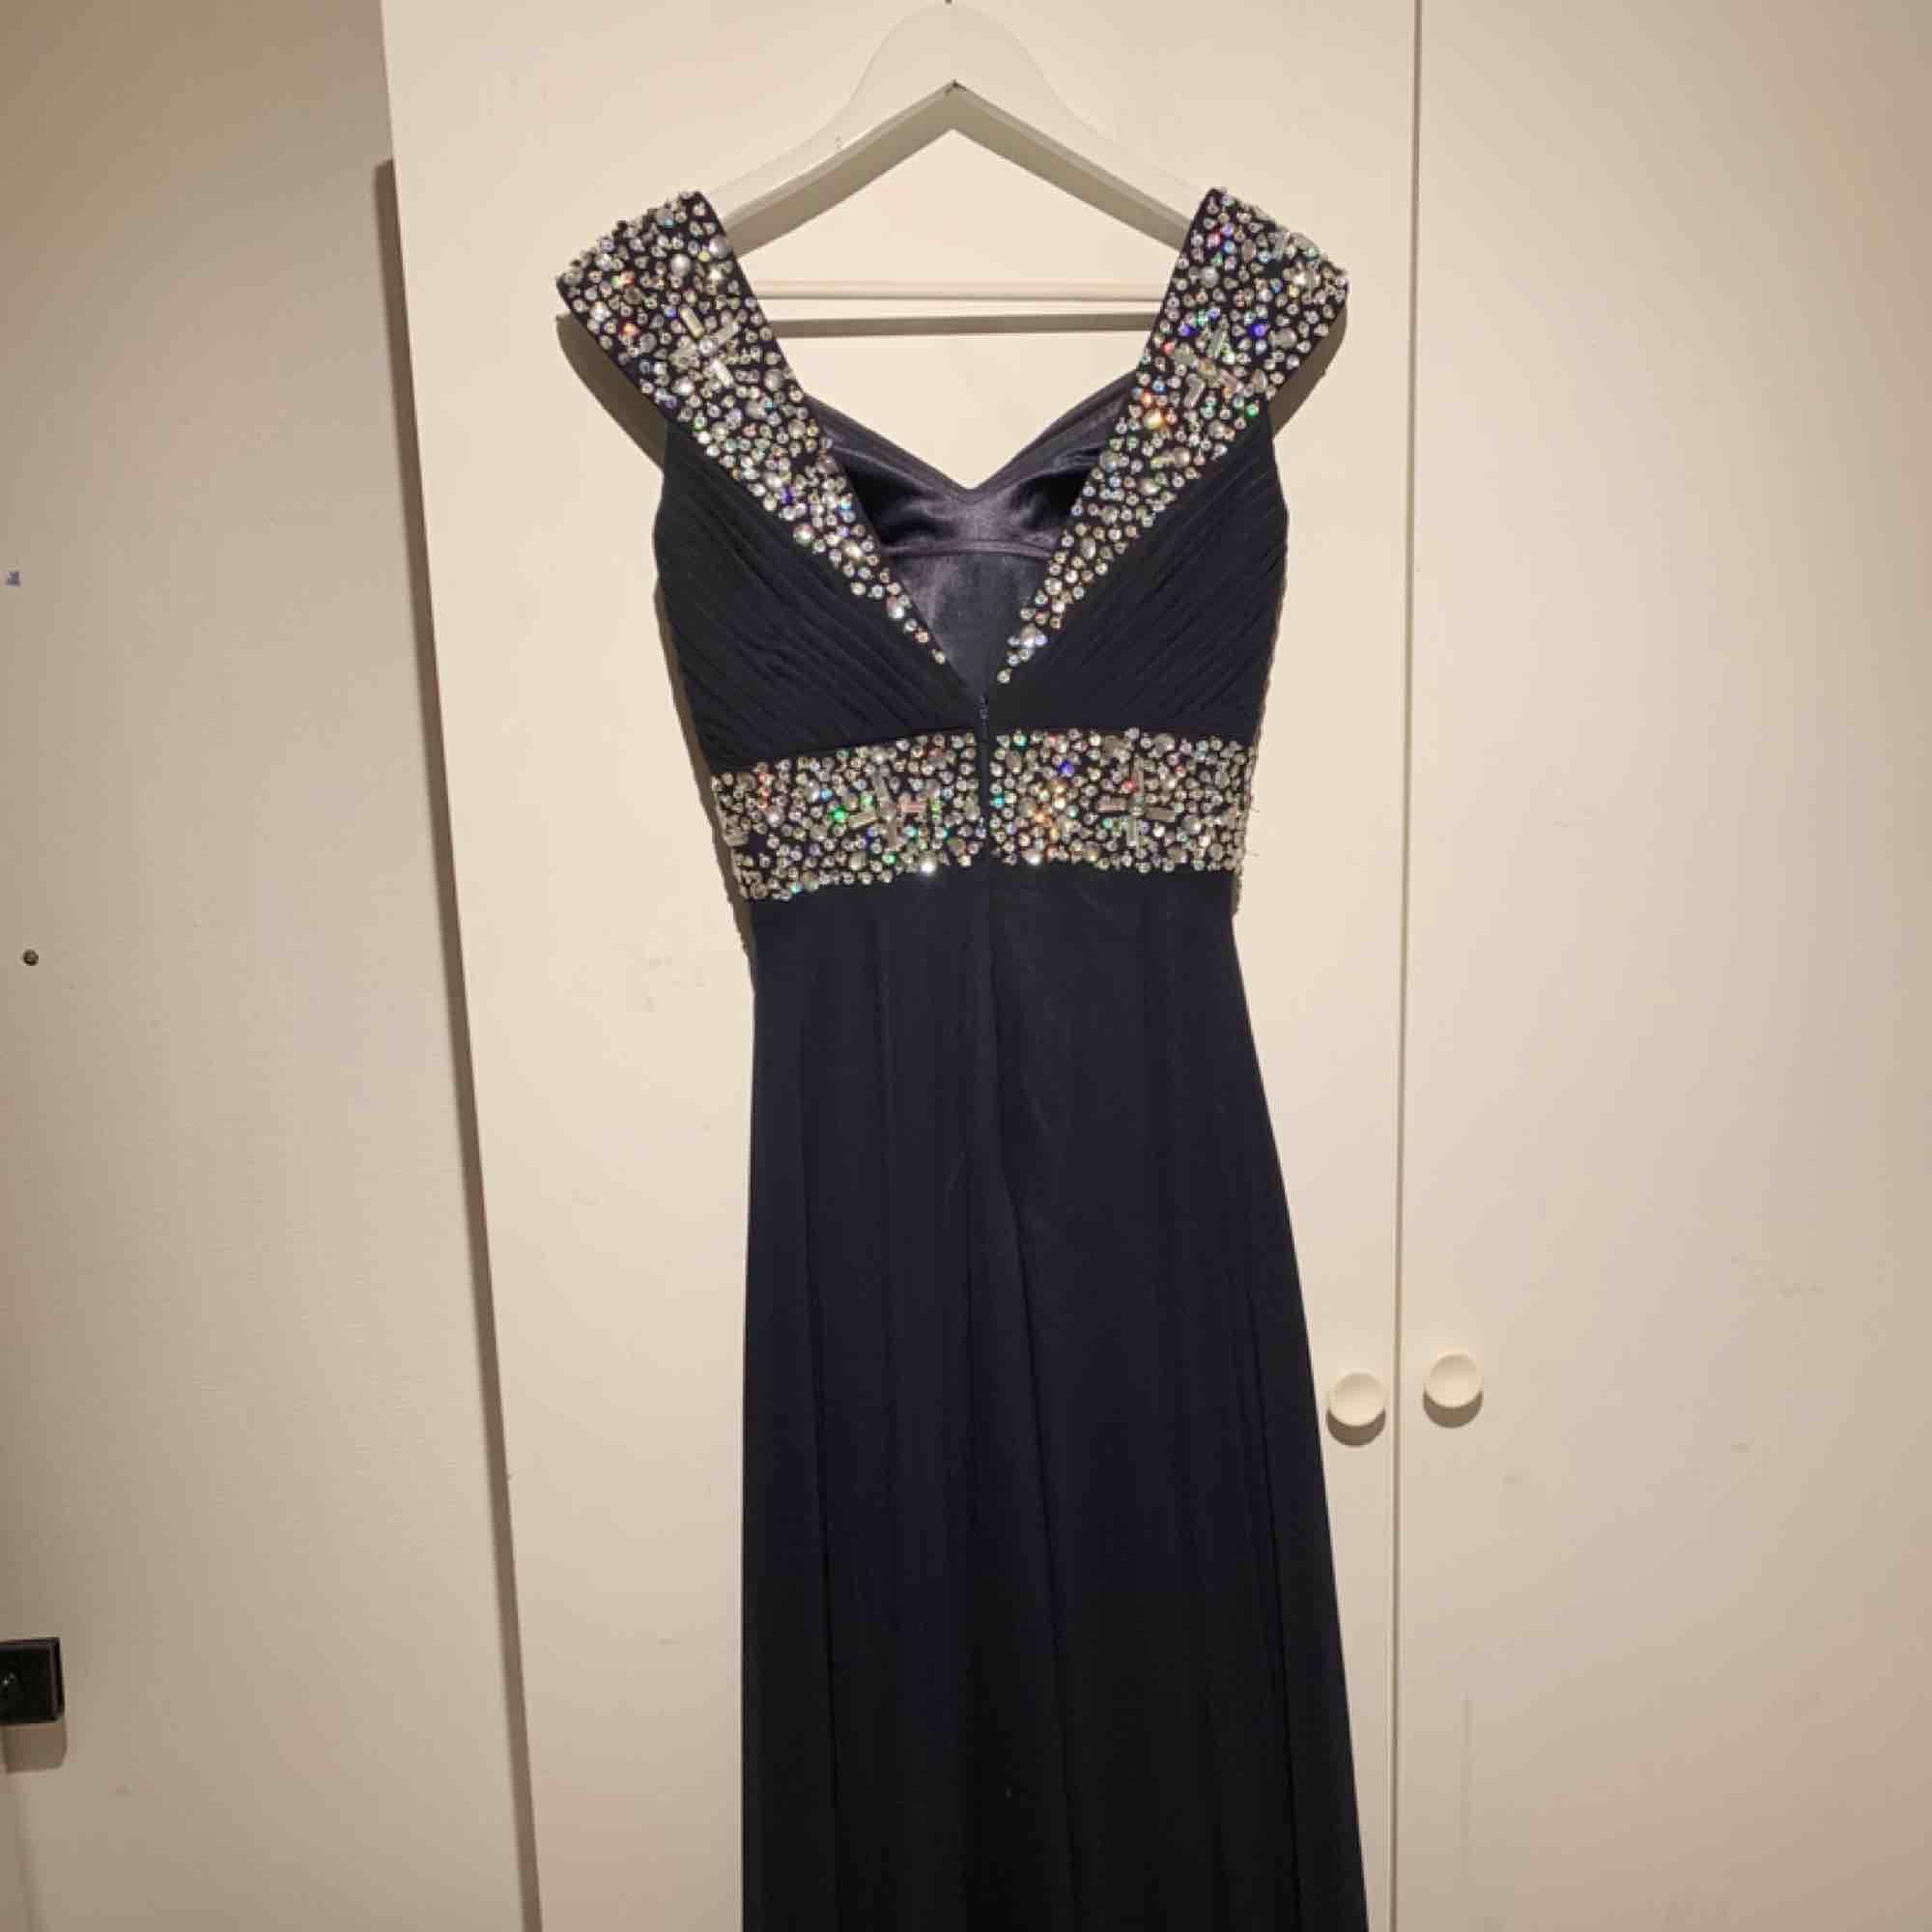 Säljer min marinblåa superfina helt oanvända balklänning som bara har hängt i min garderob, köpte den för ca 1200 kr men då jag bara vill bli av med den nu så säljer jag den för 400 kr! . Klänningar.